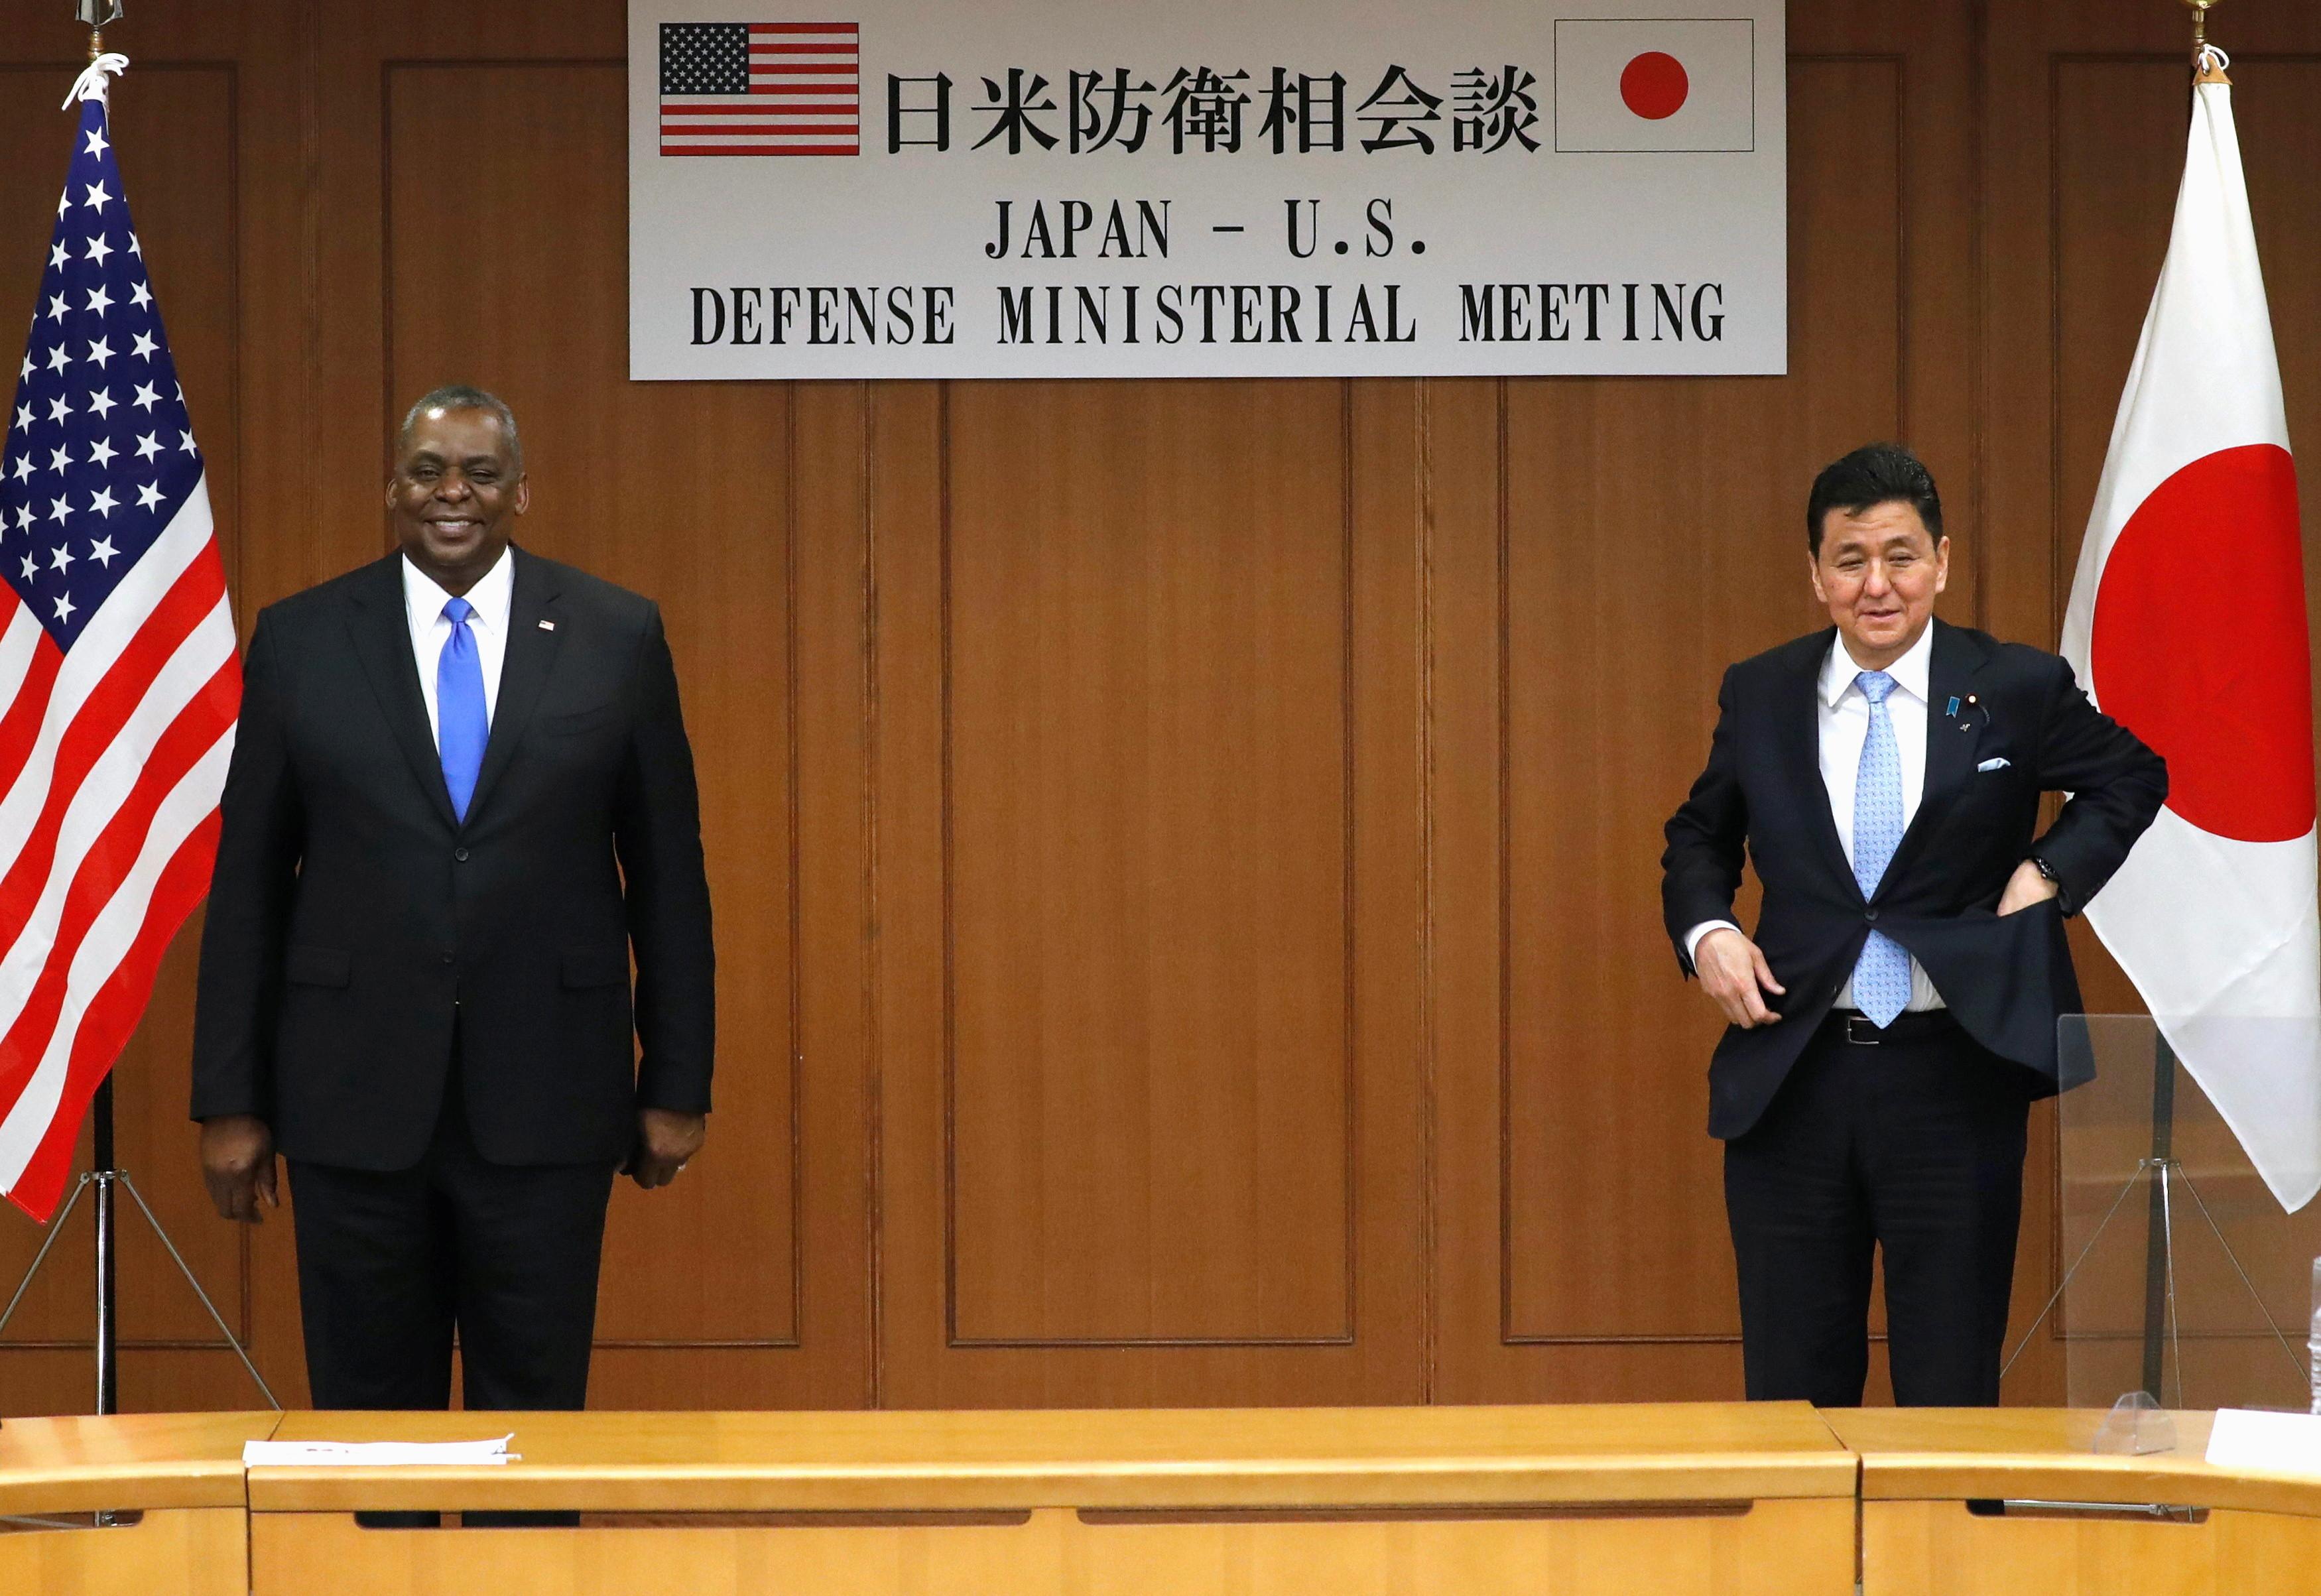 ▲▼美國防部長奧斯丁與日防衛大臣岸信夫16日舉行雙邊會談。(圖/路透社)